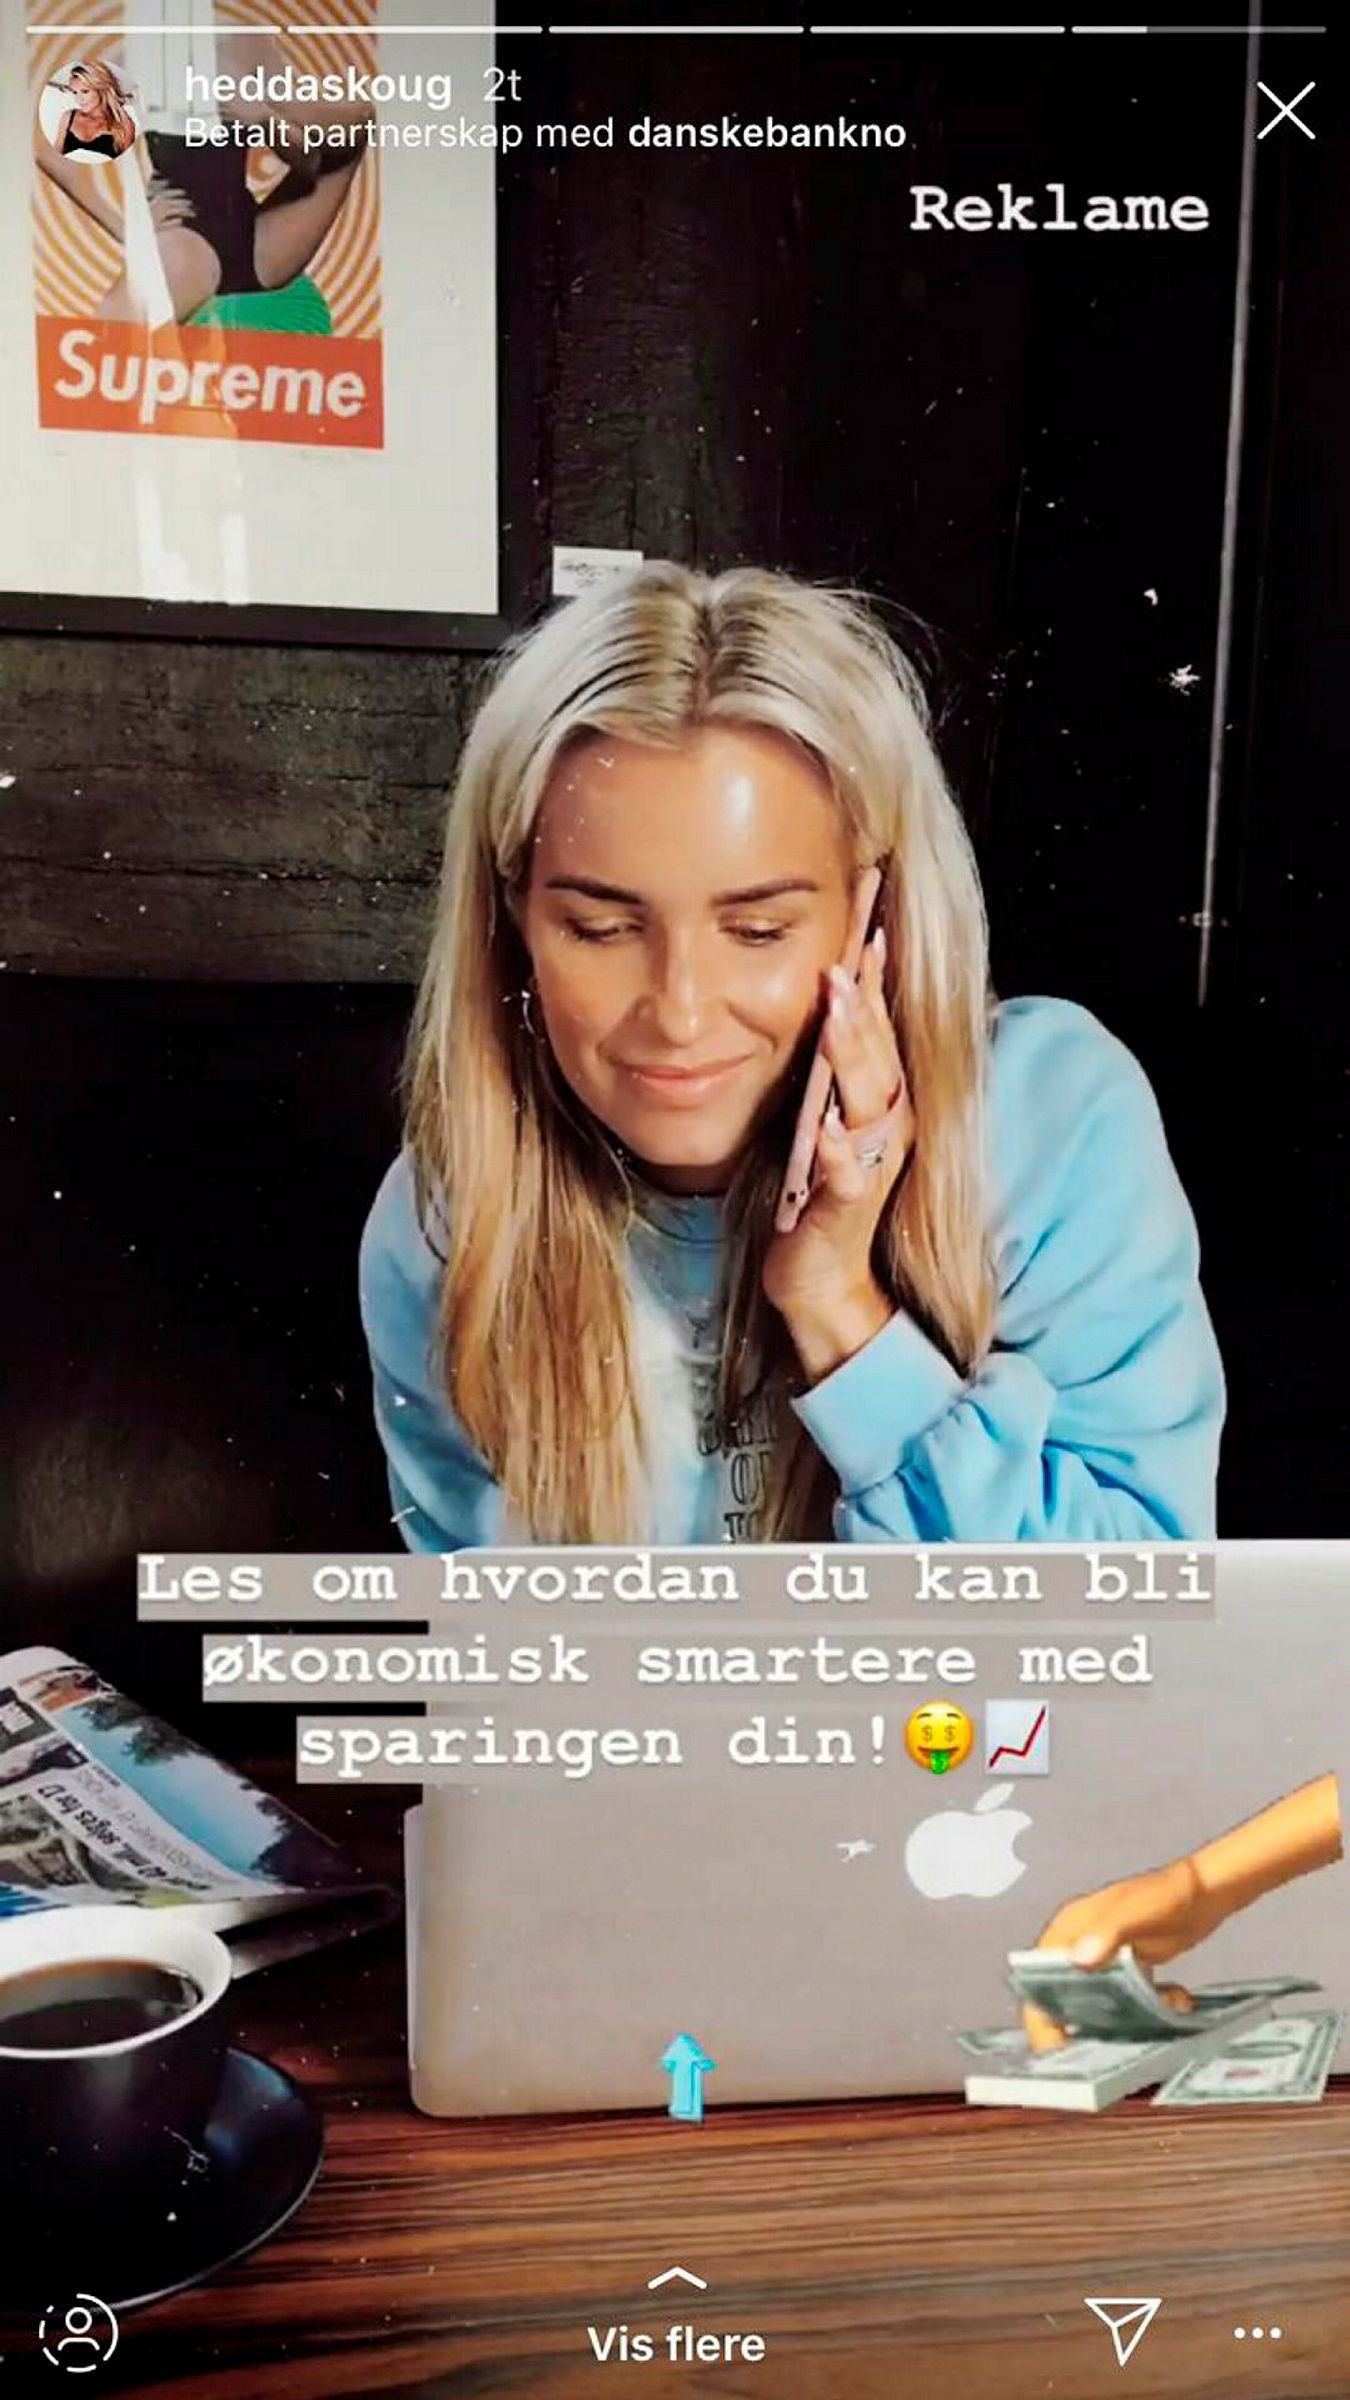 Etter at feilen ble oppdaget, ble innlegget til influenser Hedda Skoug merket som annonseinnhold fra Danske Bank. Skoug har over 55.000 følgere på Instagram.